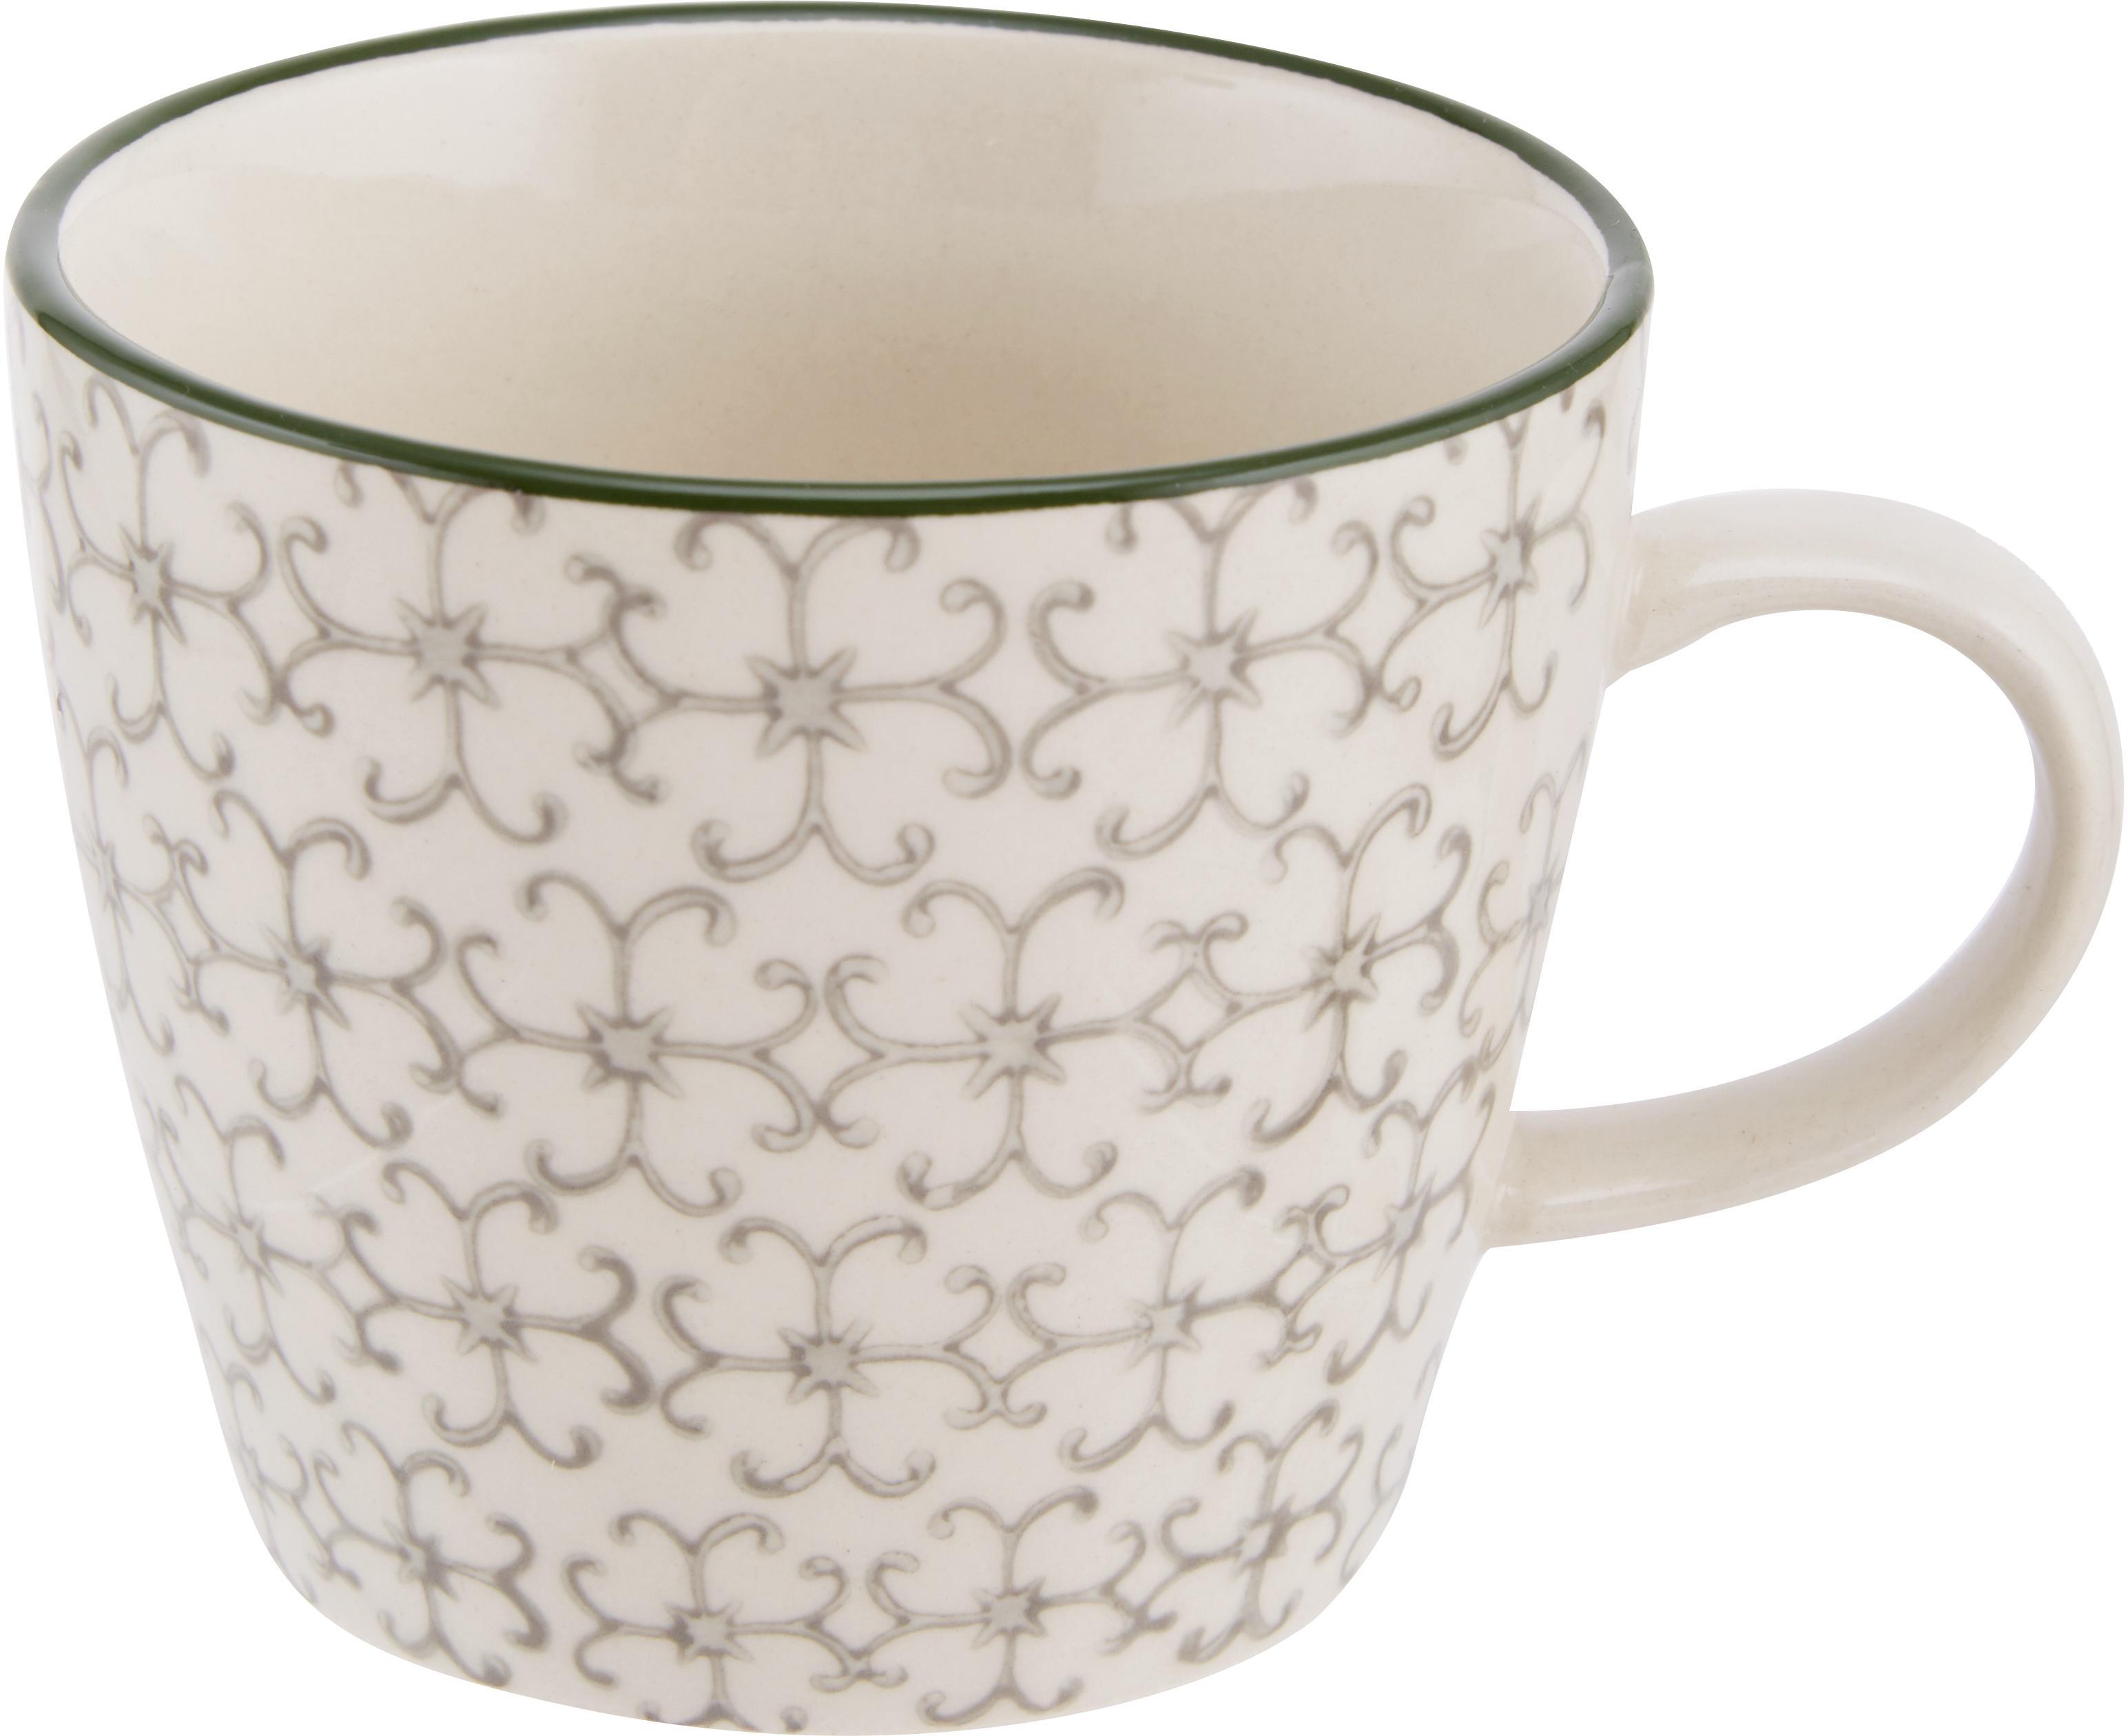 Tassen Karine mit kleinem Muster, 4er-Set, Steingut, Weiß, Grün, Rot, Grau, Ø 10 x H 8 cm